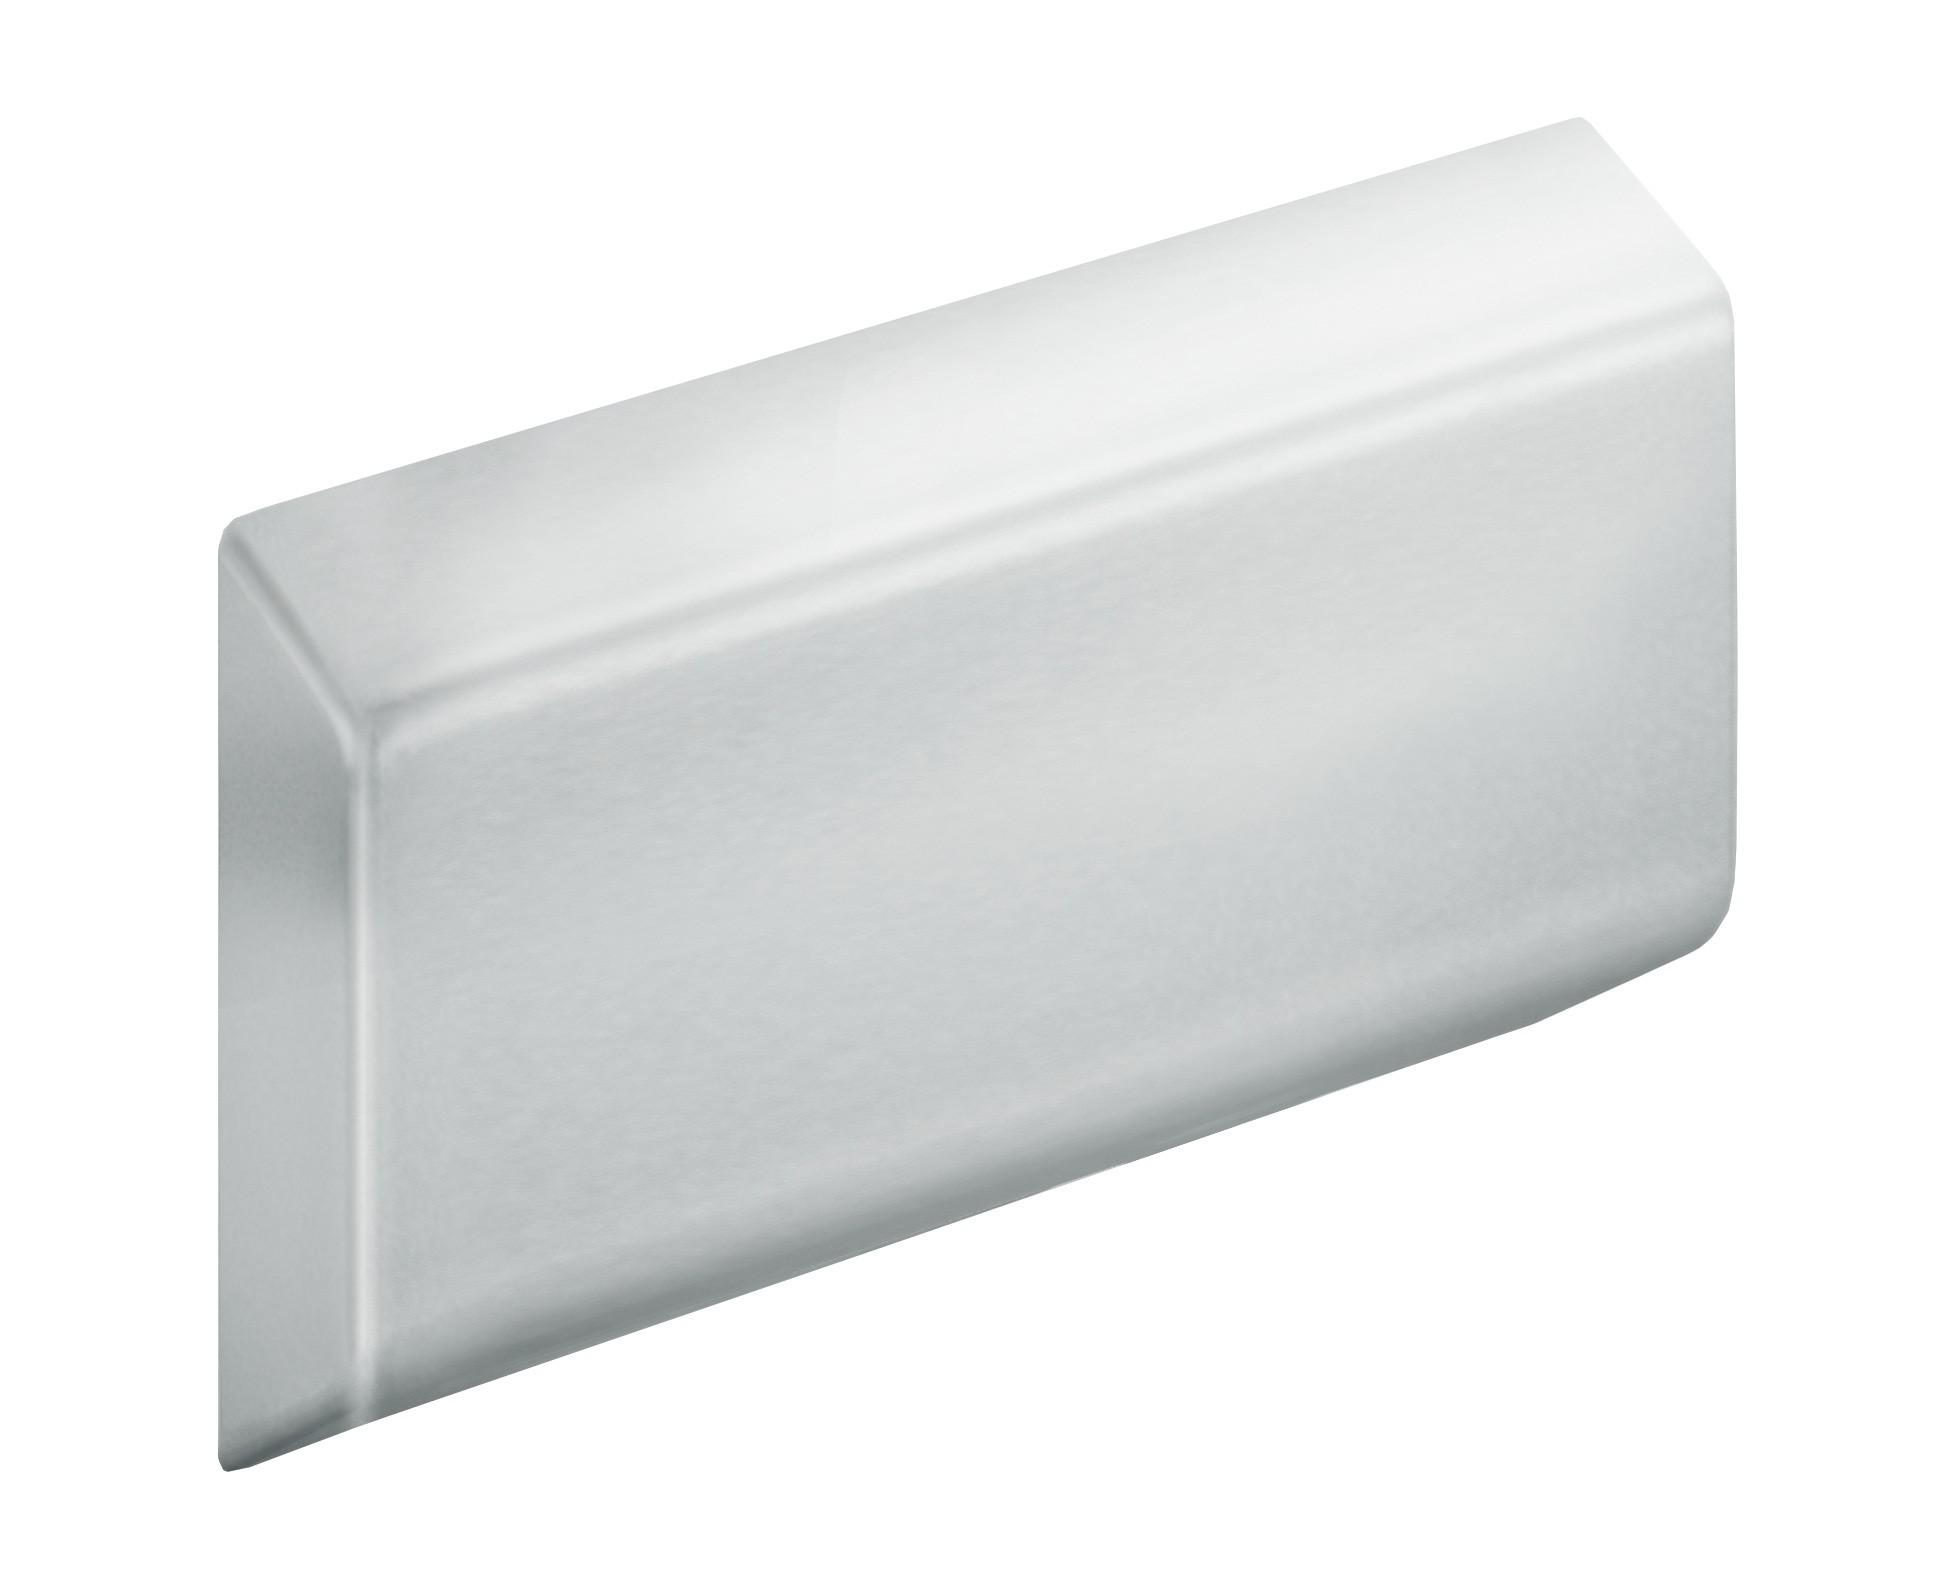 FSB Abdeckplatte ohne Trägerplatte A100 Anemonenweiß(0 82 8421 00101 8220)